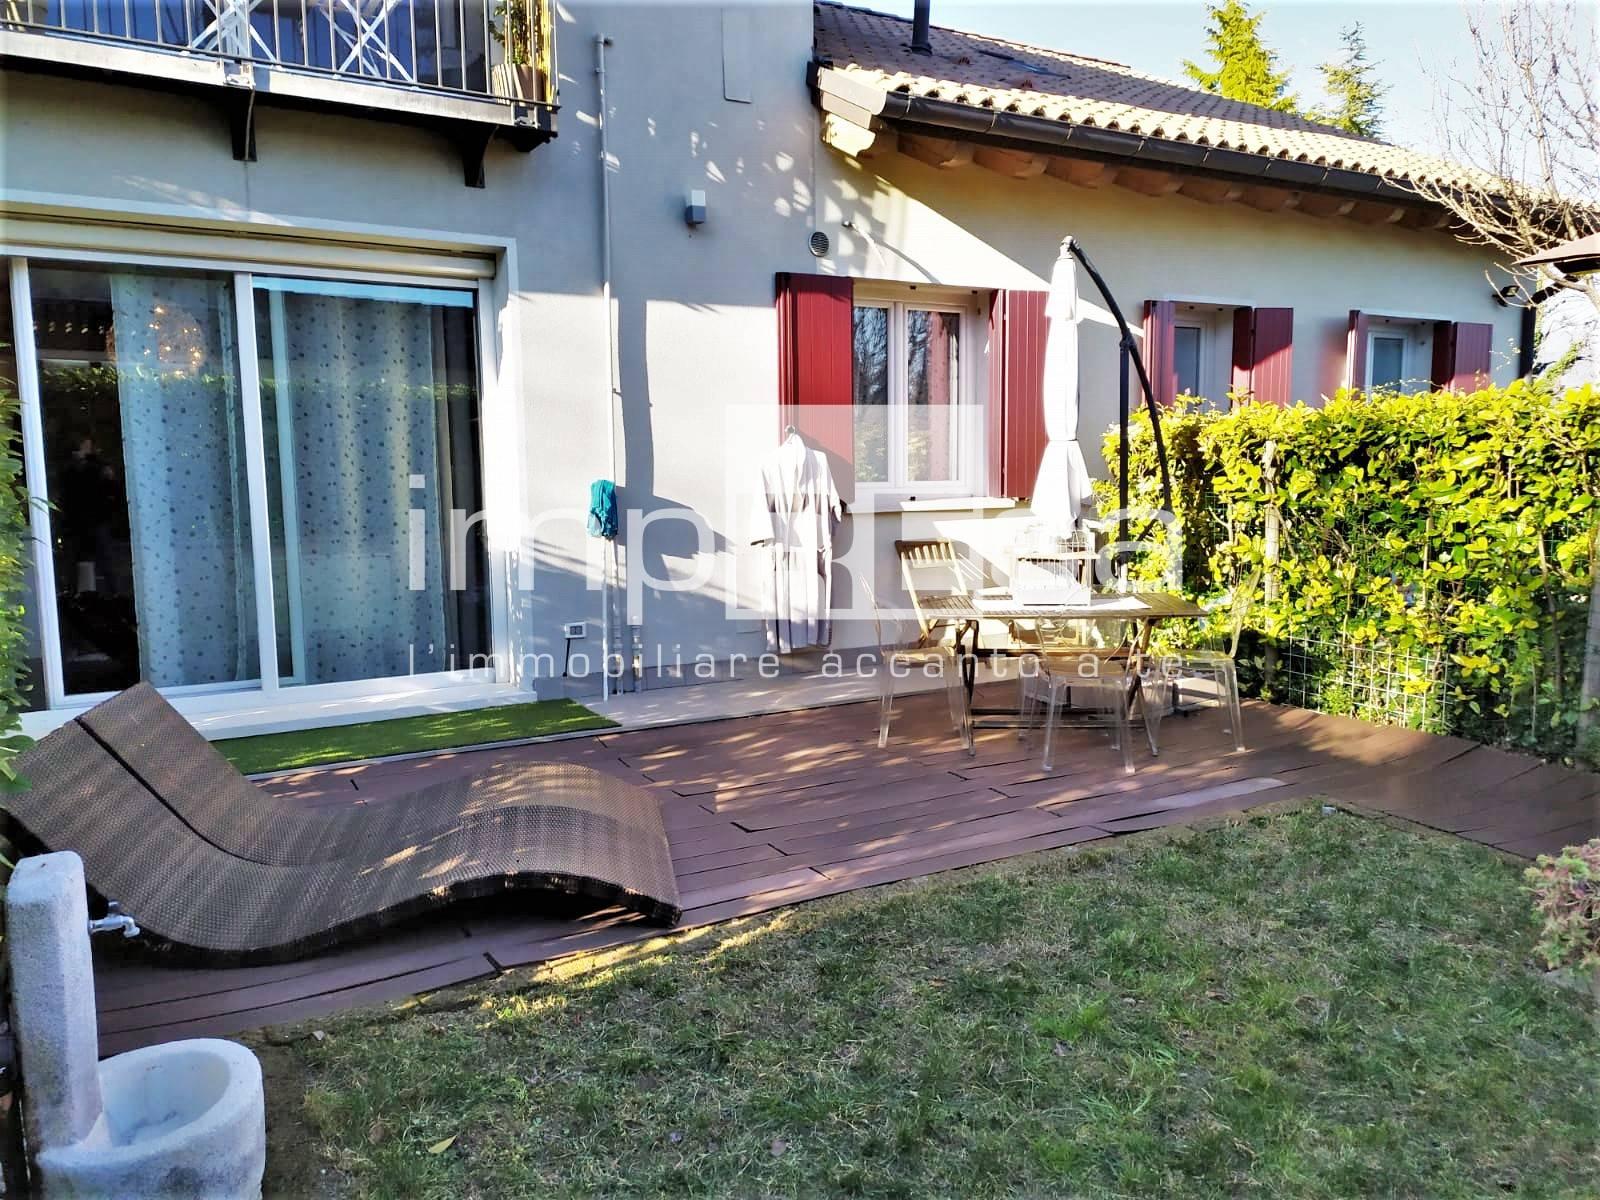 Appartamento in vendita a Conegliano, 1 locali, zona igo, prezzo € 85.000 | PortaleAgenzieImmobiliari.it